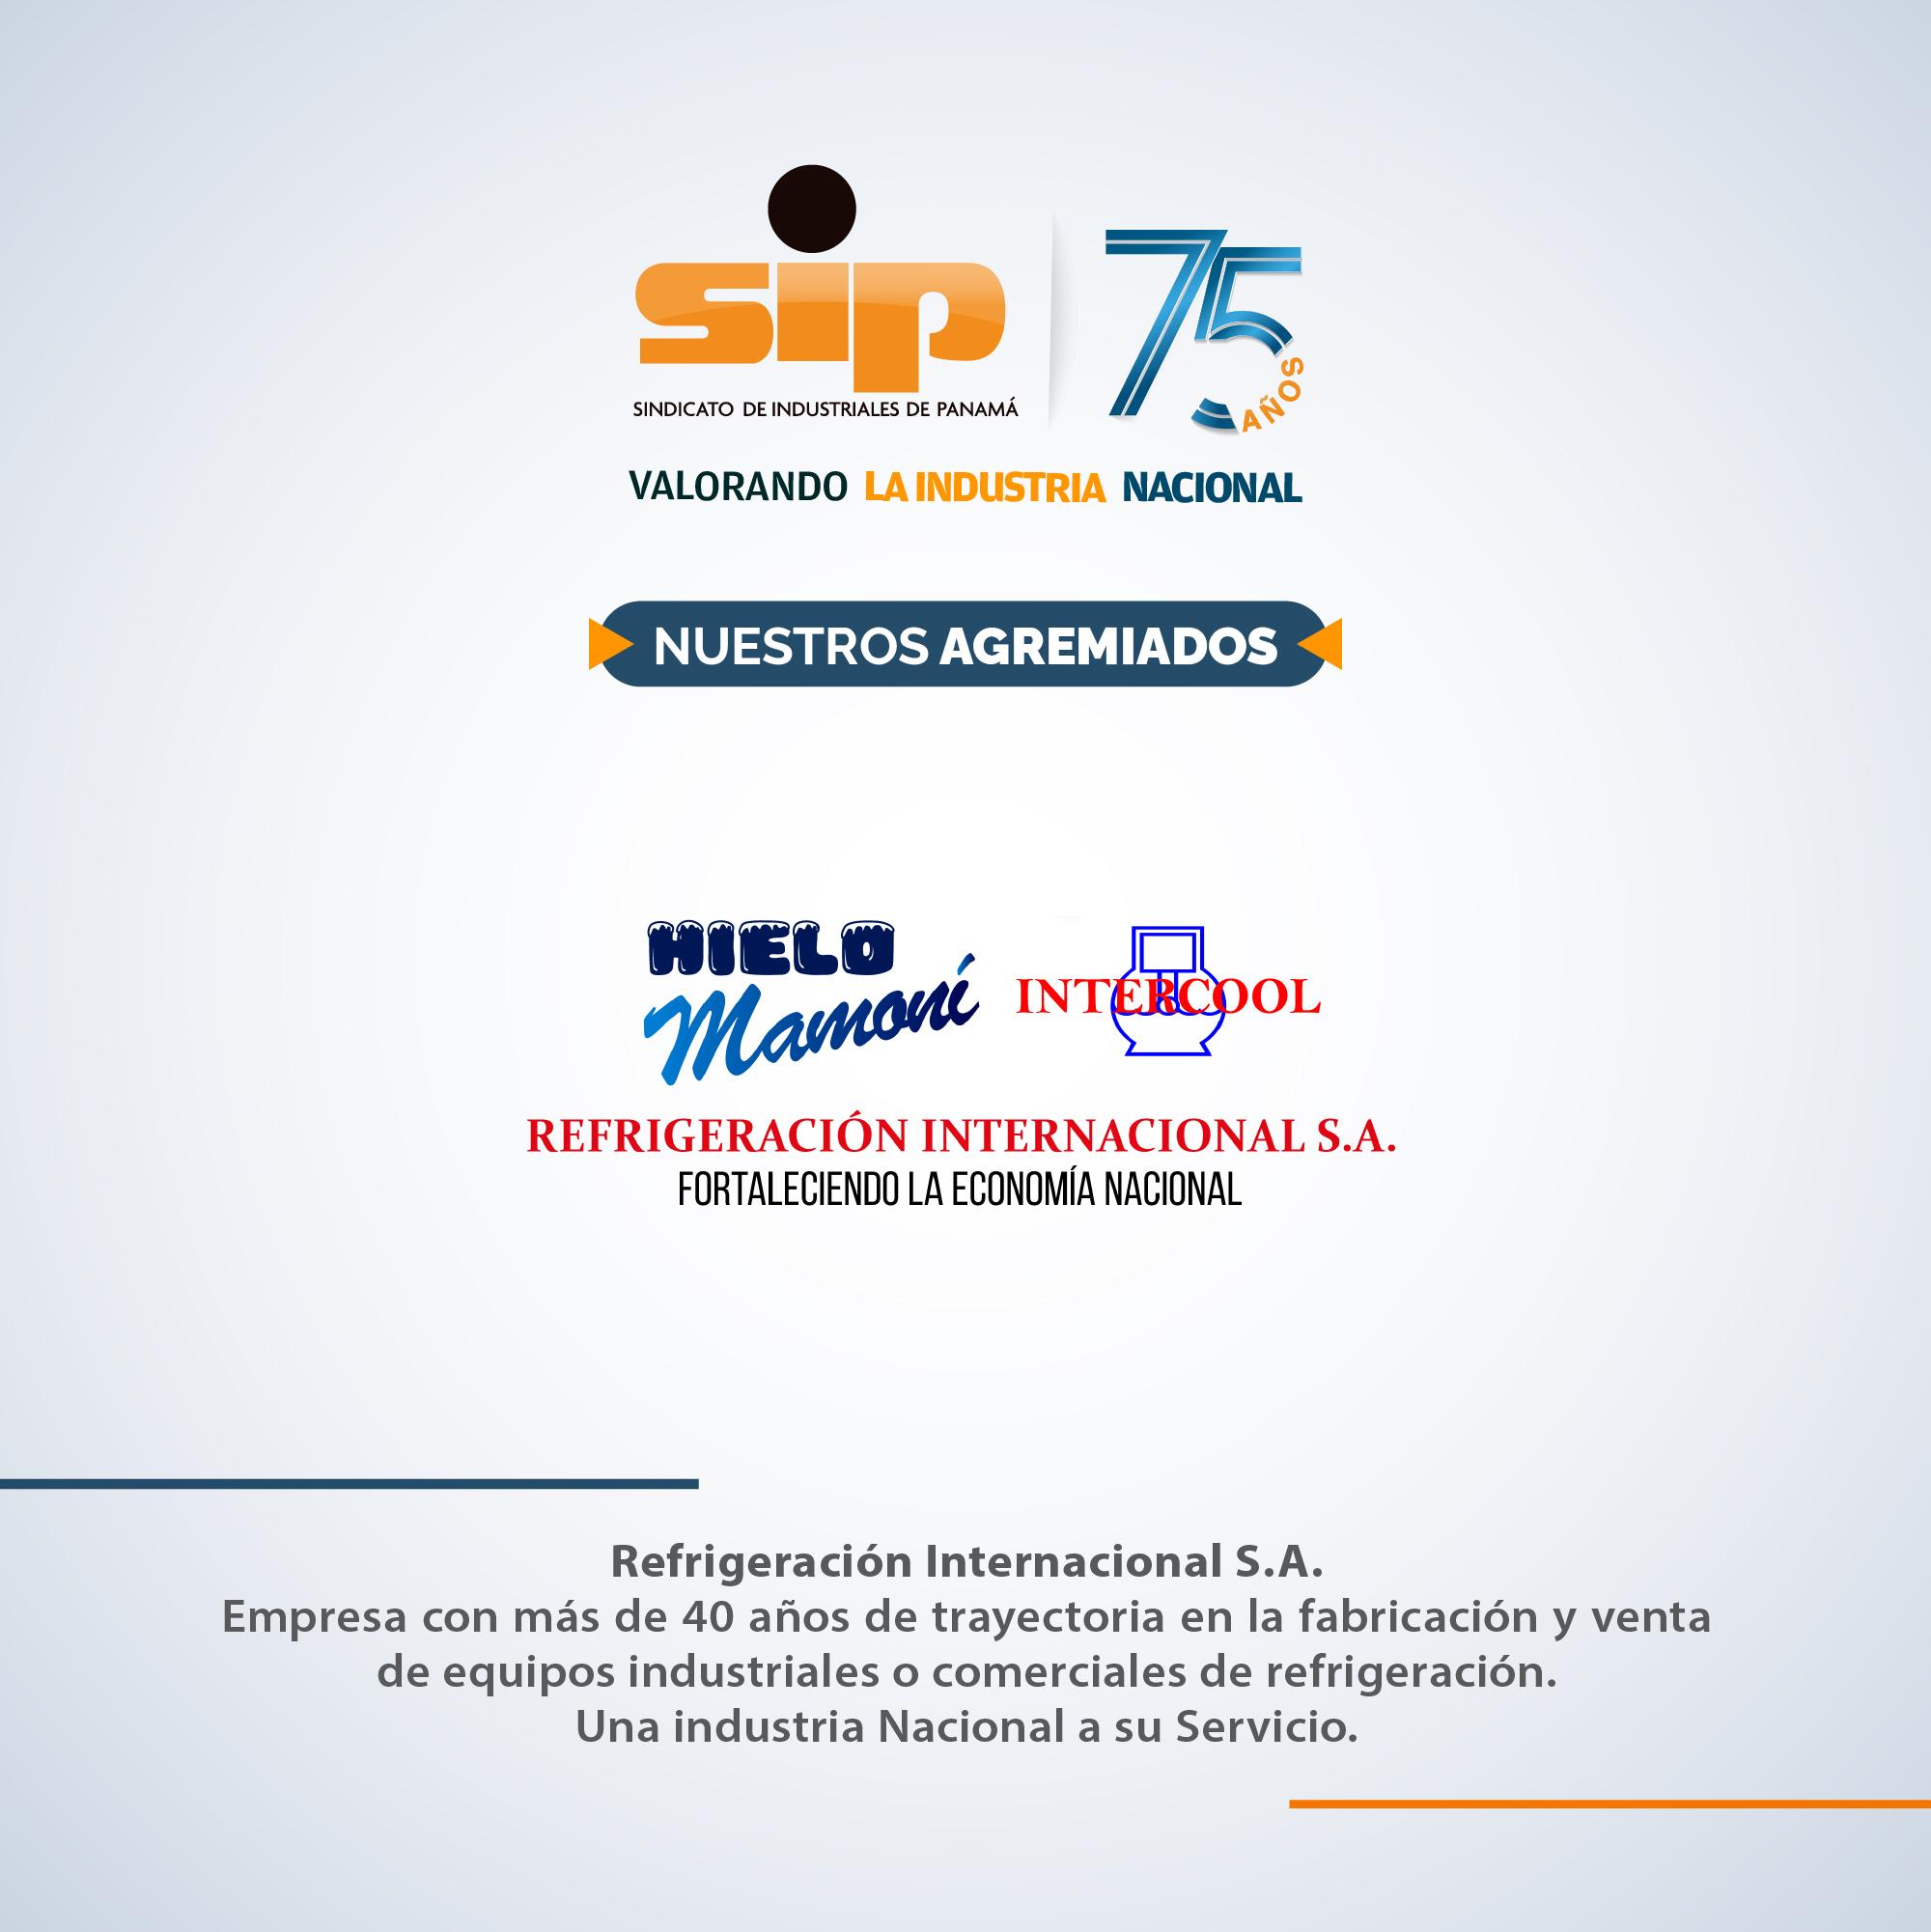 Refrigeración Internacional S.A.